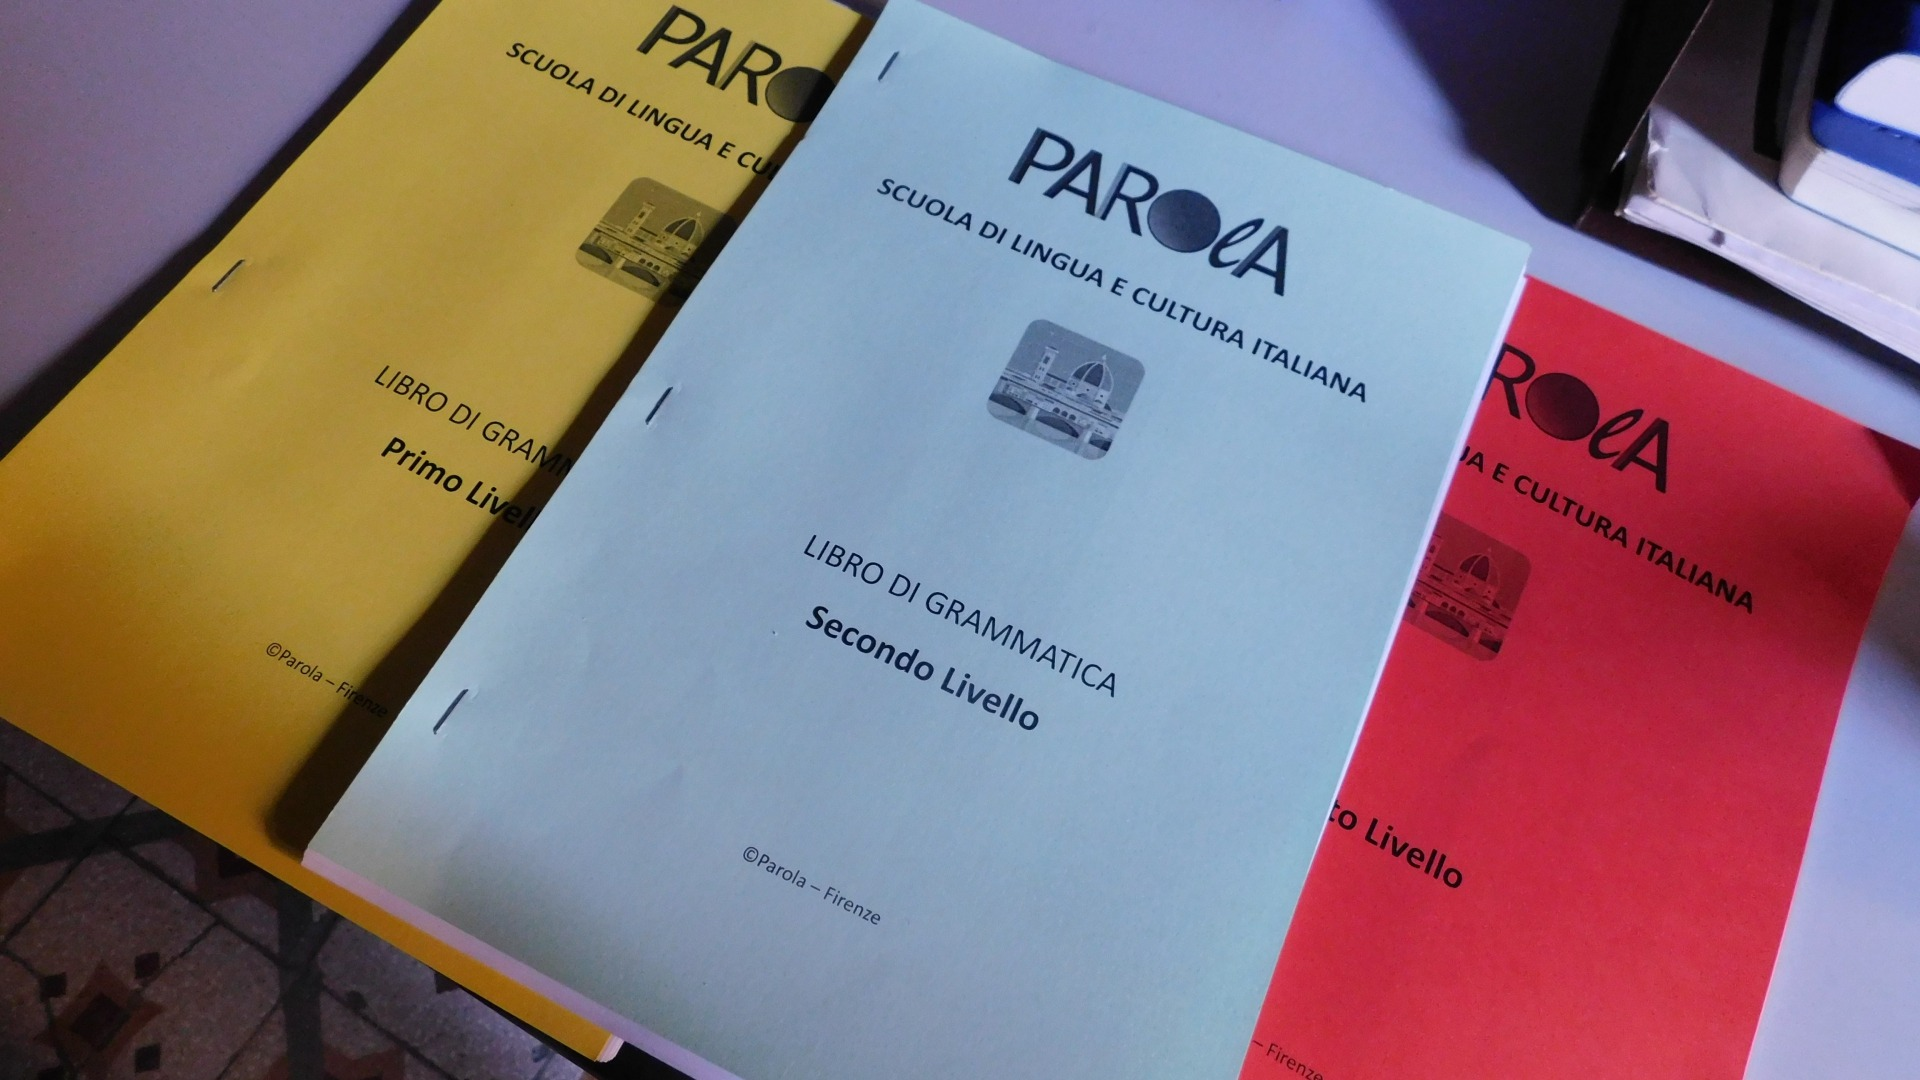 Grammar level books of Parola Italian language school